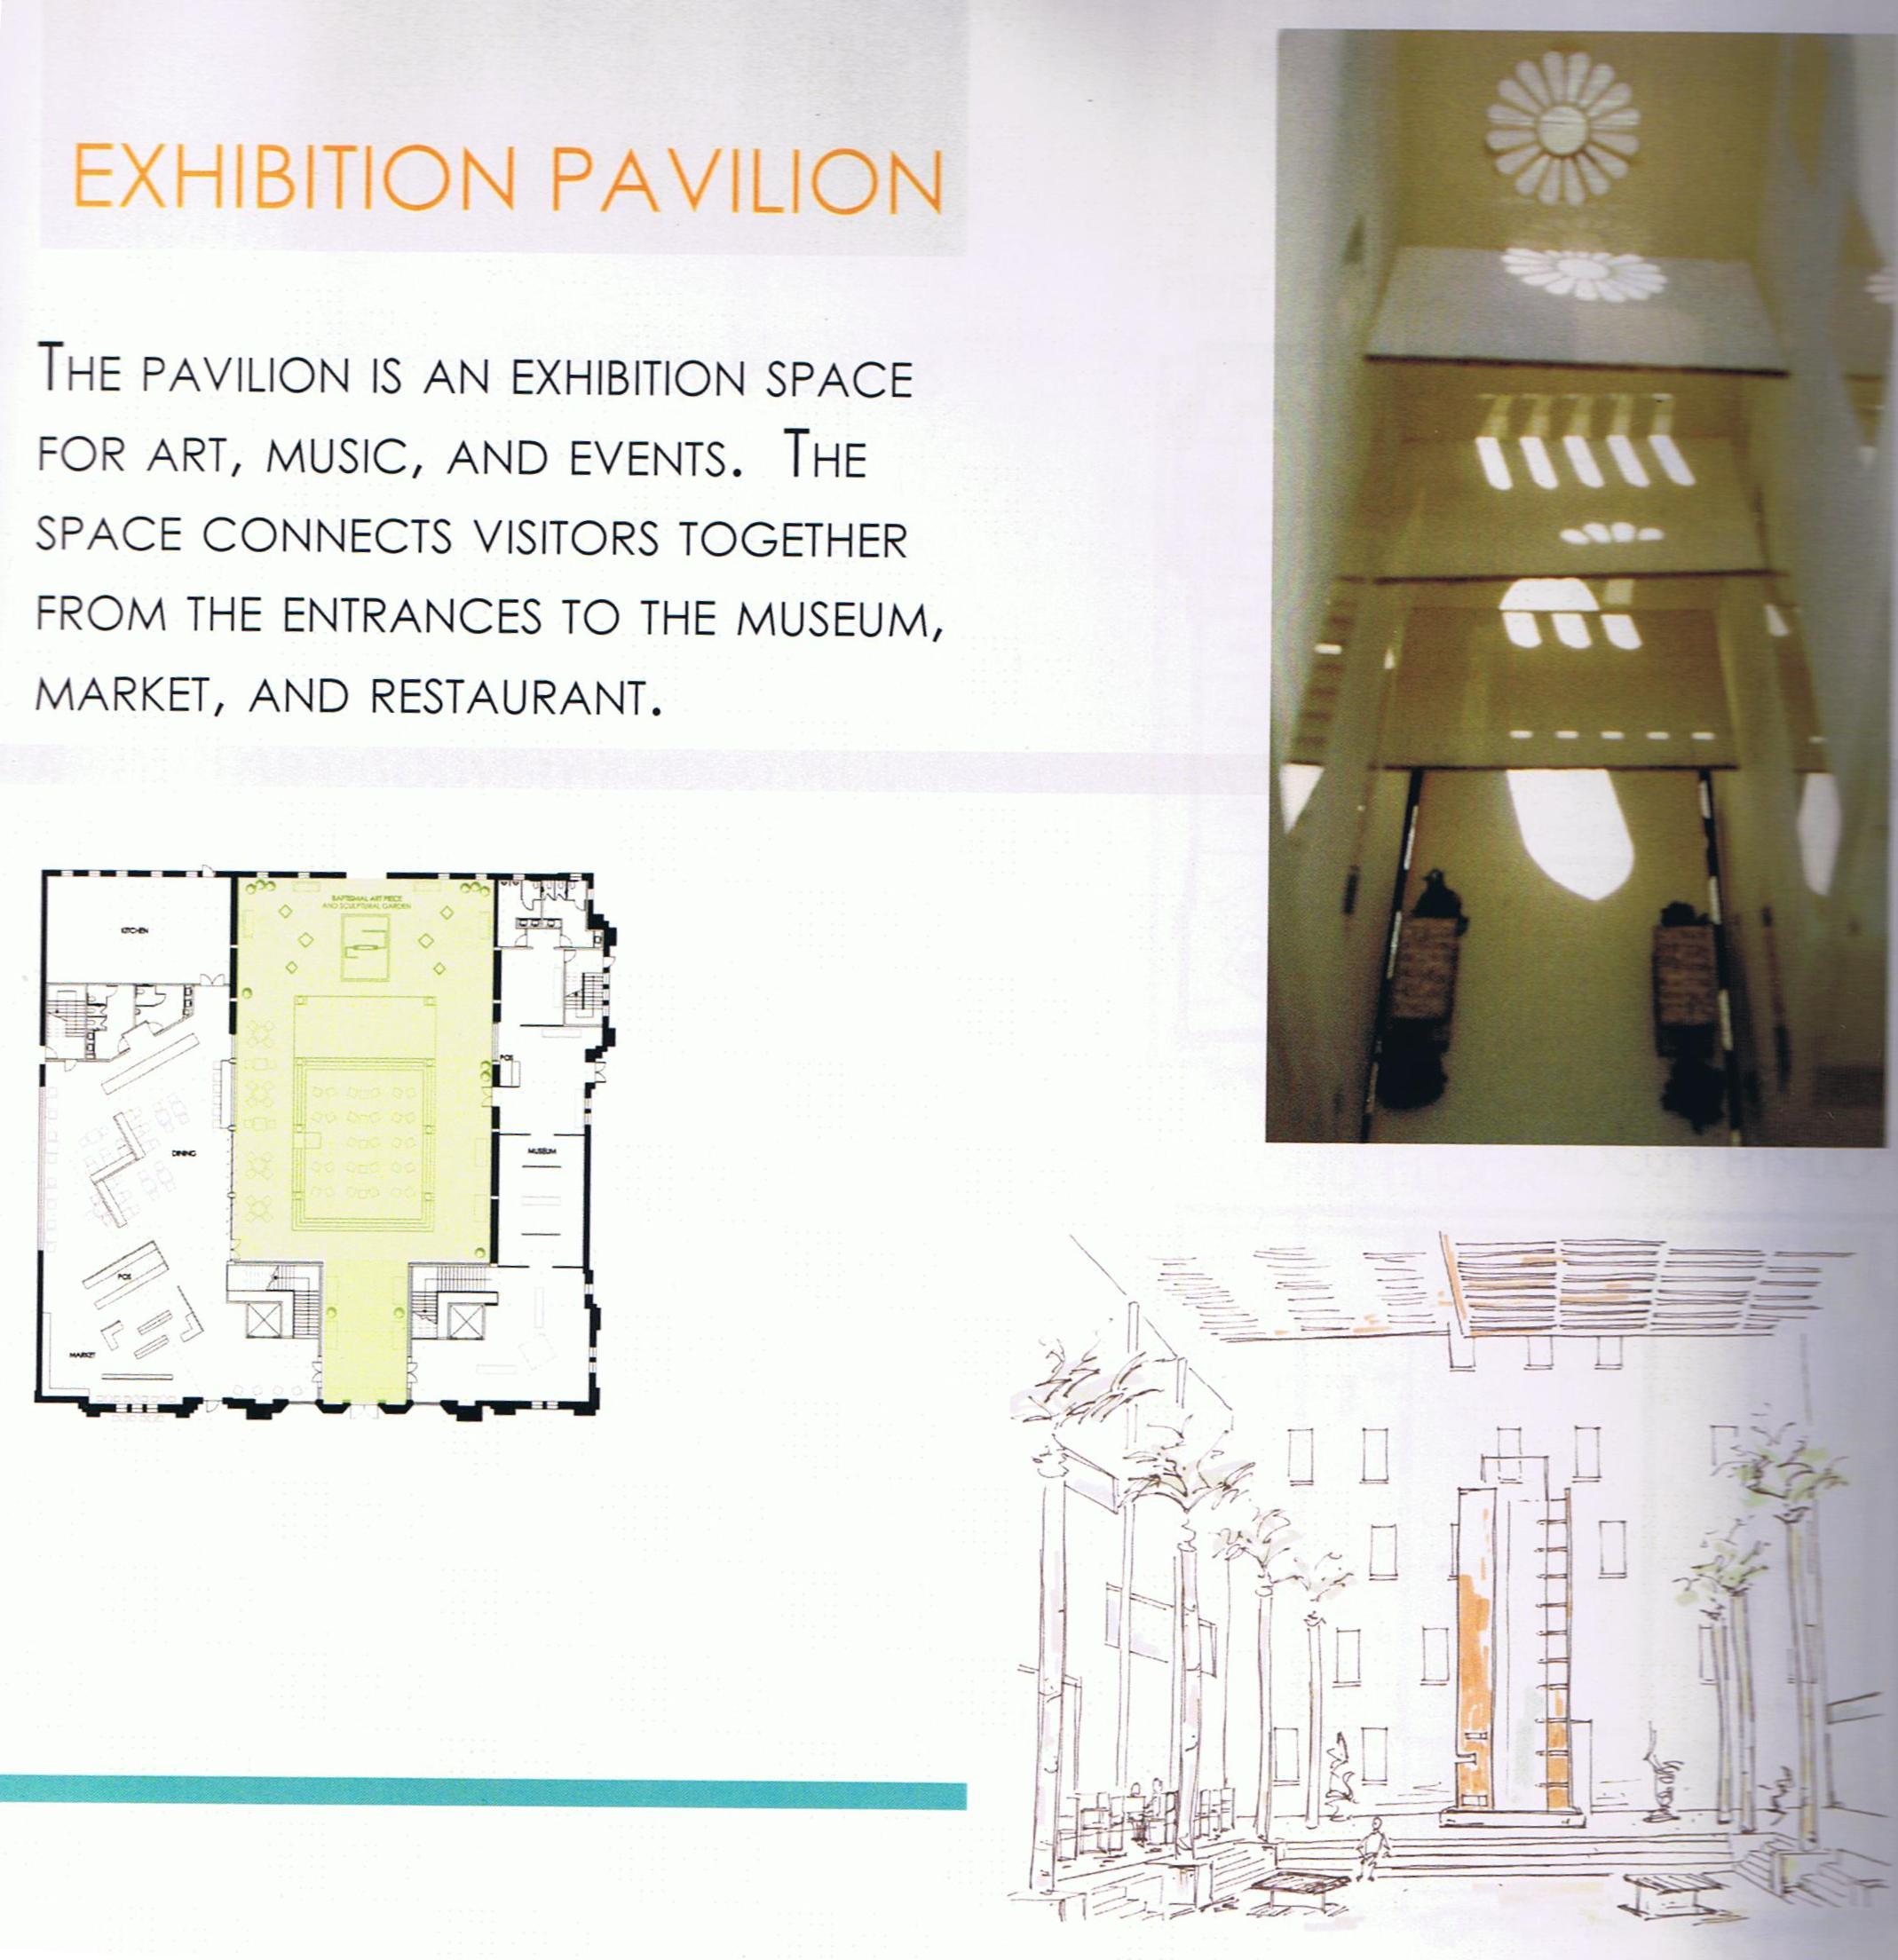 Exhibition Pavilion